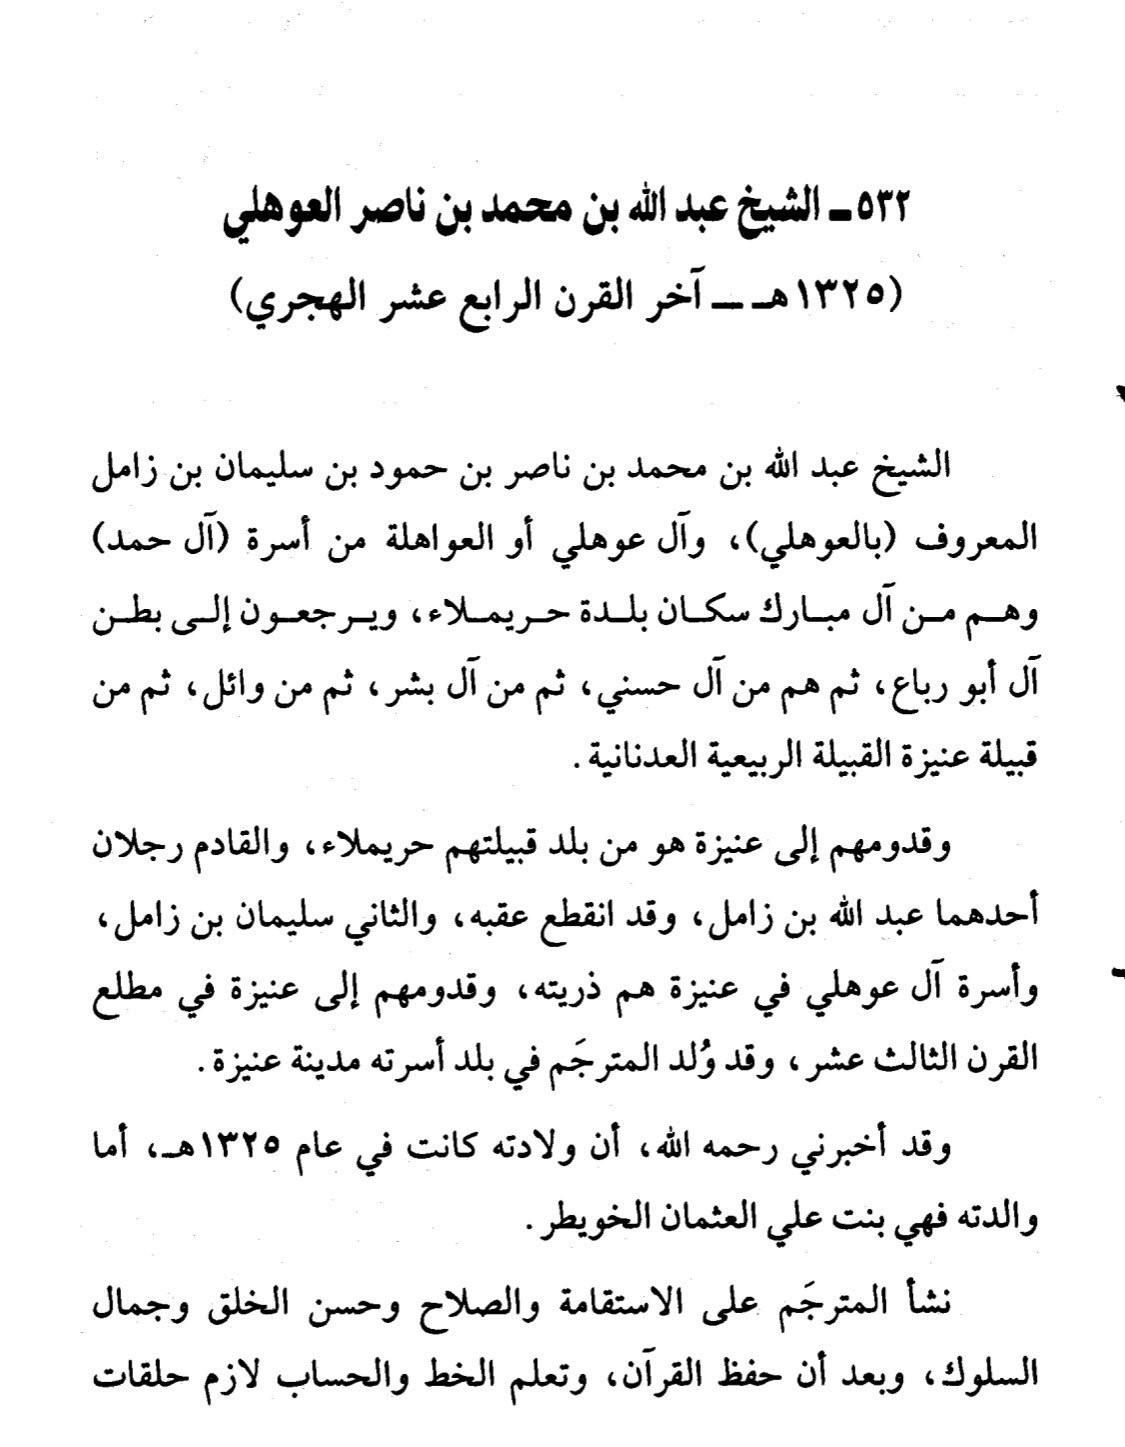 عبدالله بن محمد بن ناصر العوهلي